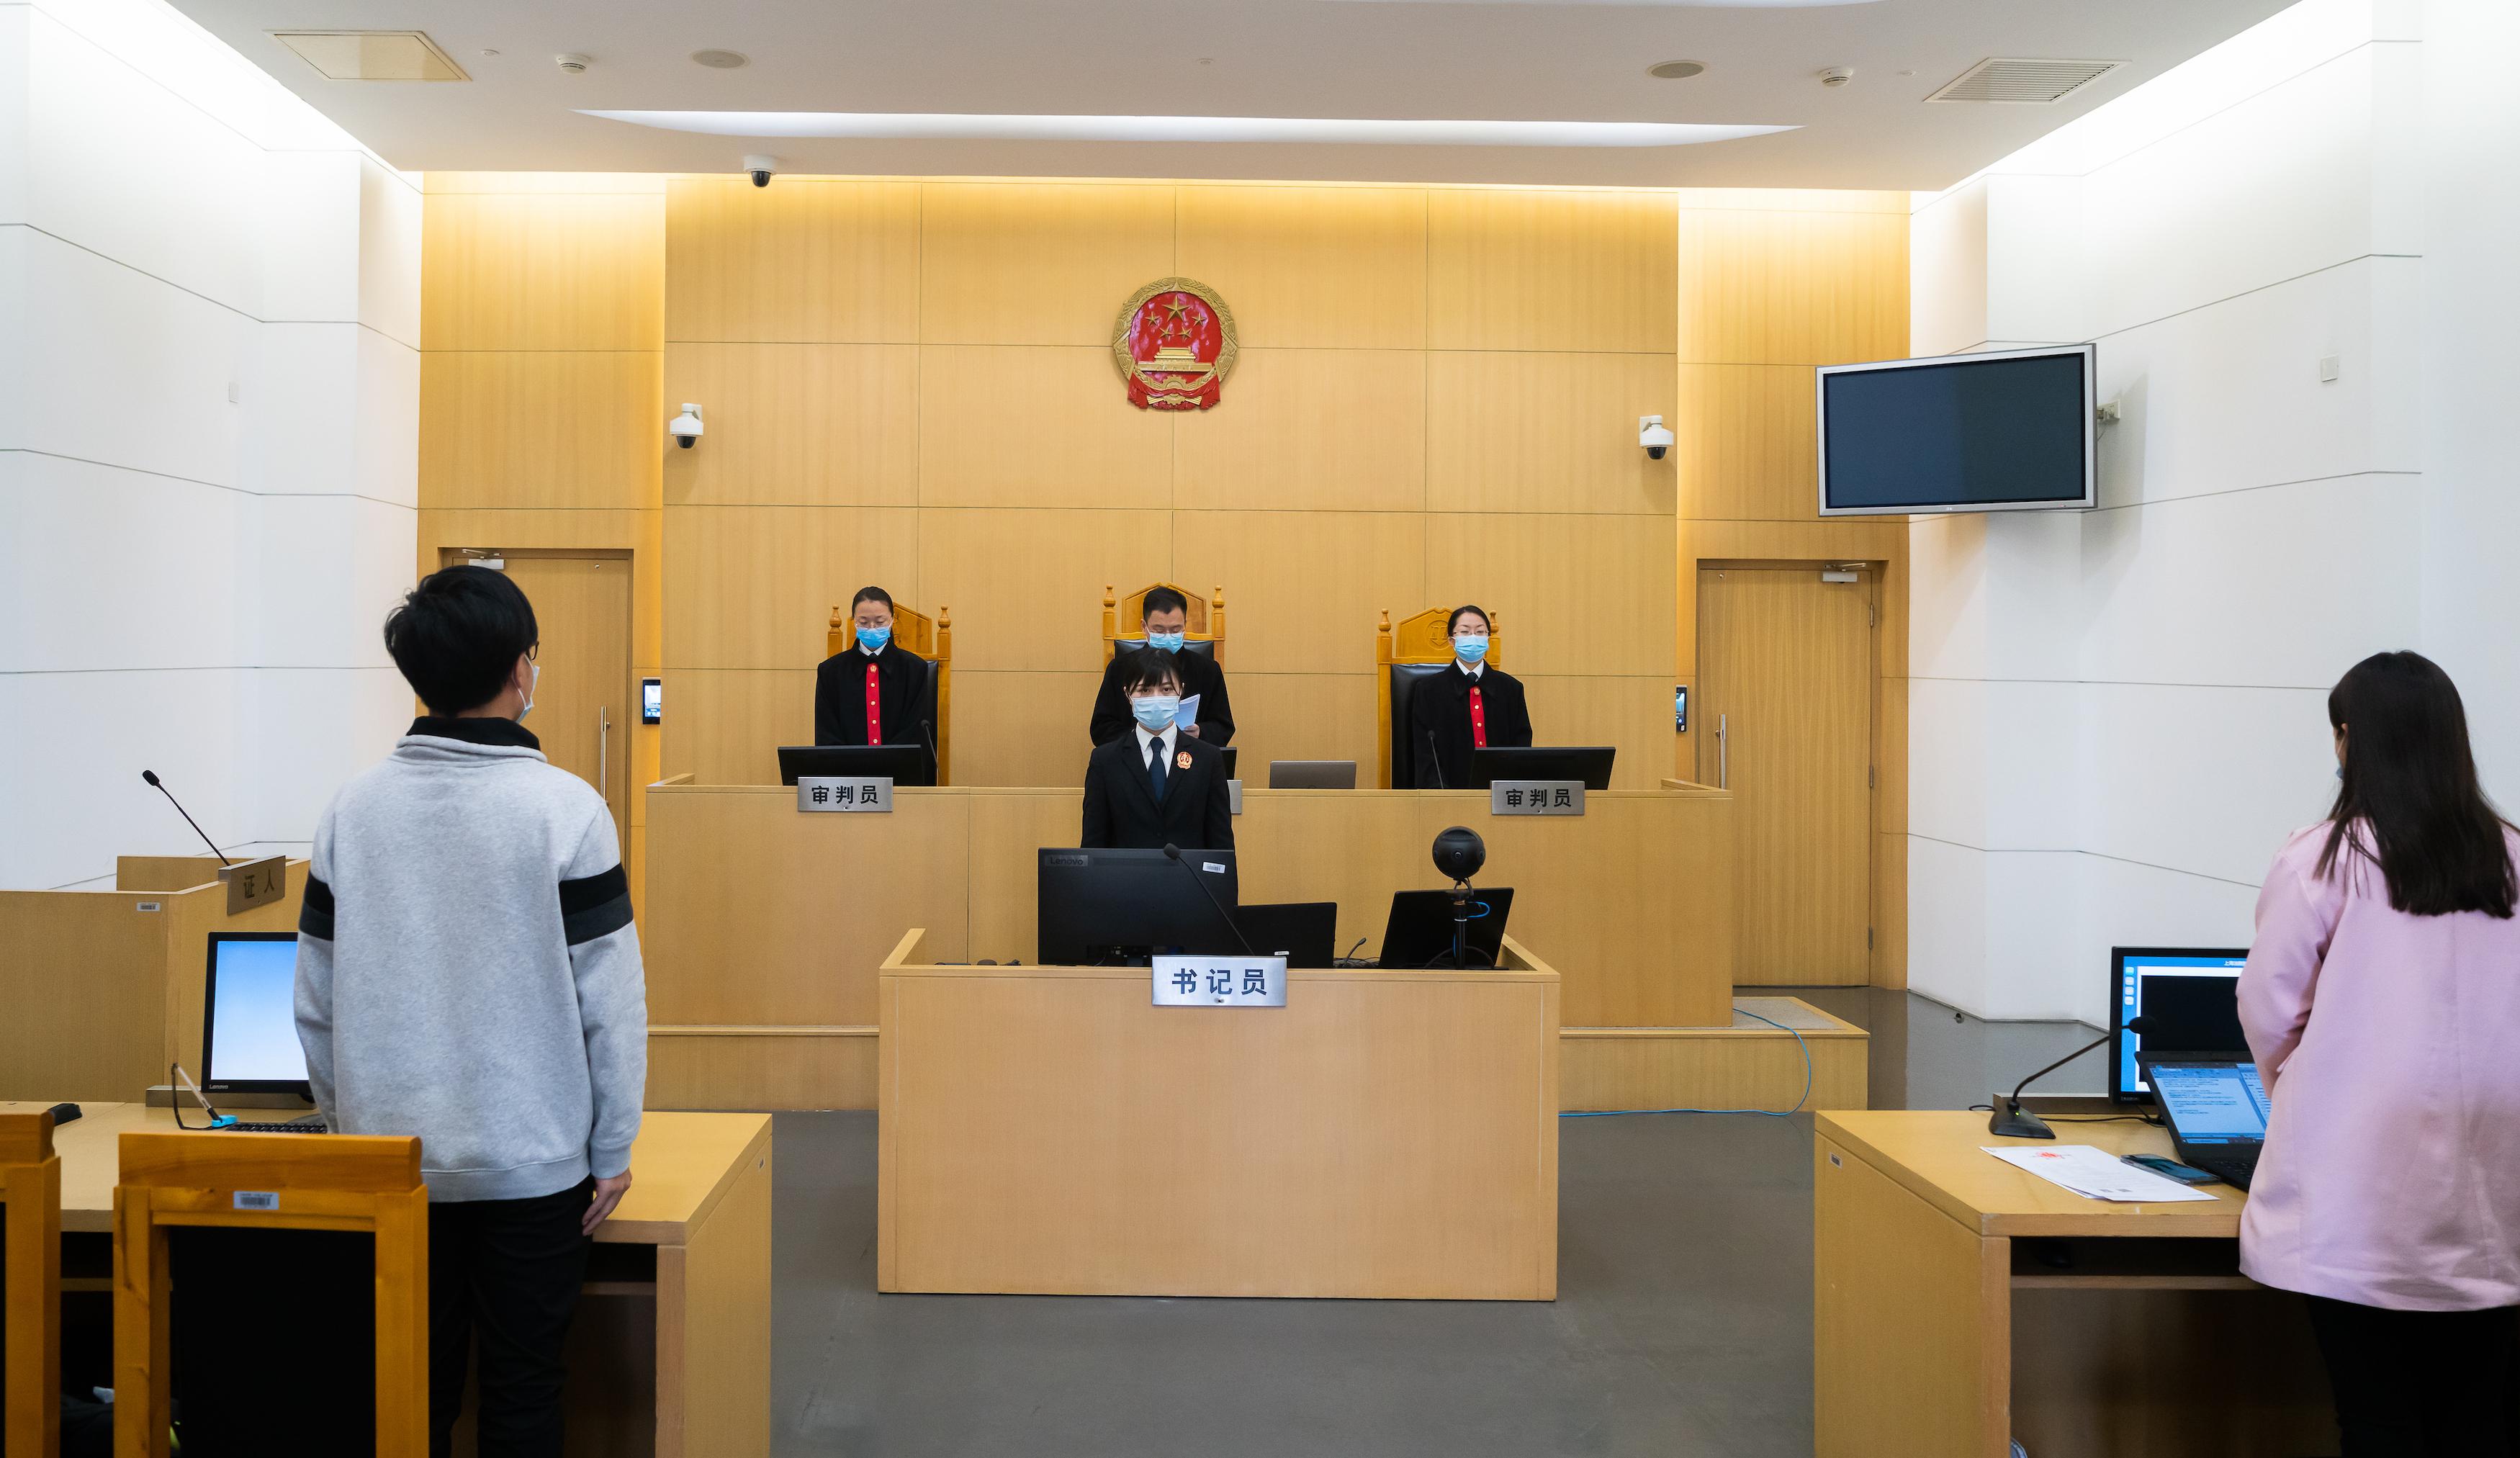 摩登5首页大众点评会员因点赞过多被平台处罚,二审法院改判平台撤销处罚